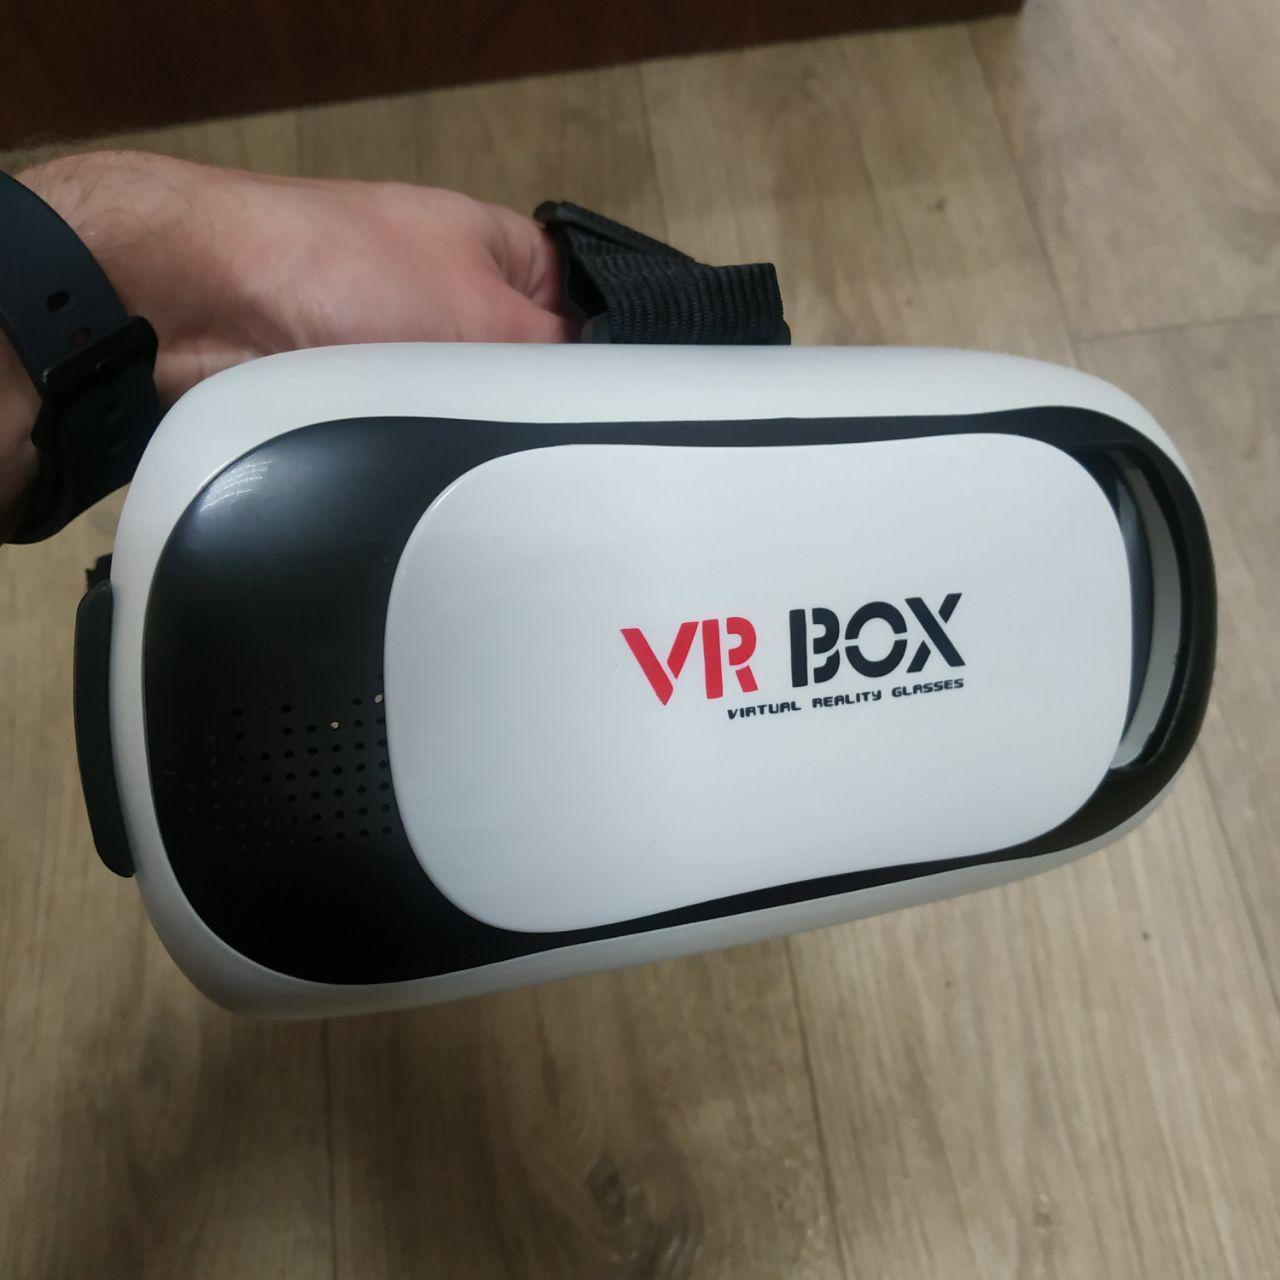 Шлем 3D очки виртуальной реальности с пультом VR BOX 2.0 V2 вр 3Д, фото 1